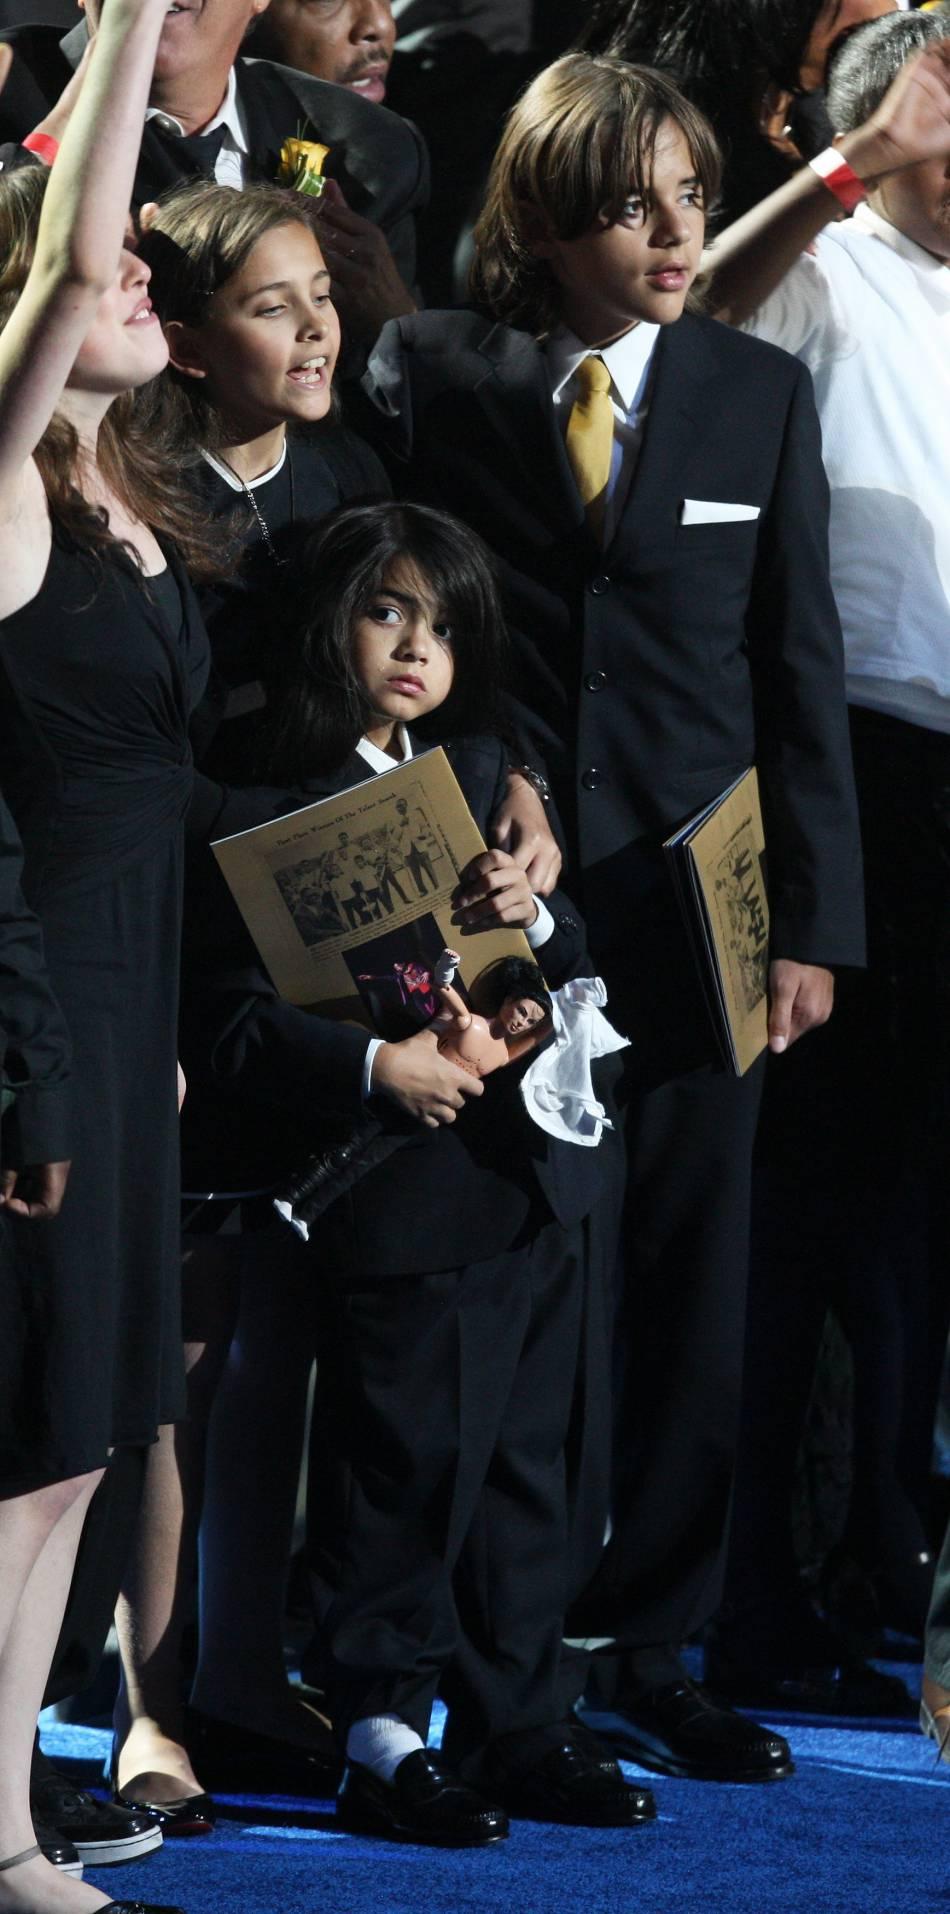 Paris, Prince et Blanket lors de l'enterrement de leur père en 2009.